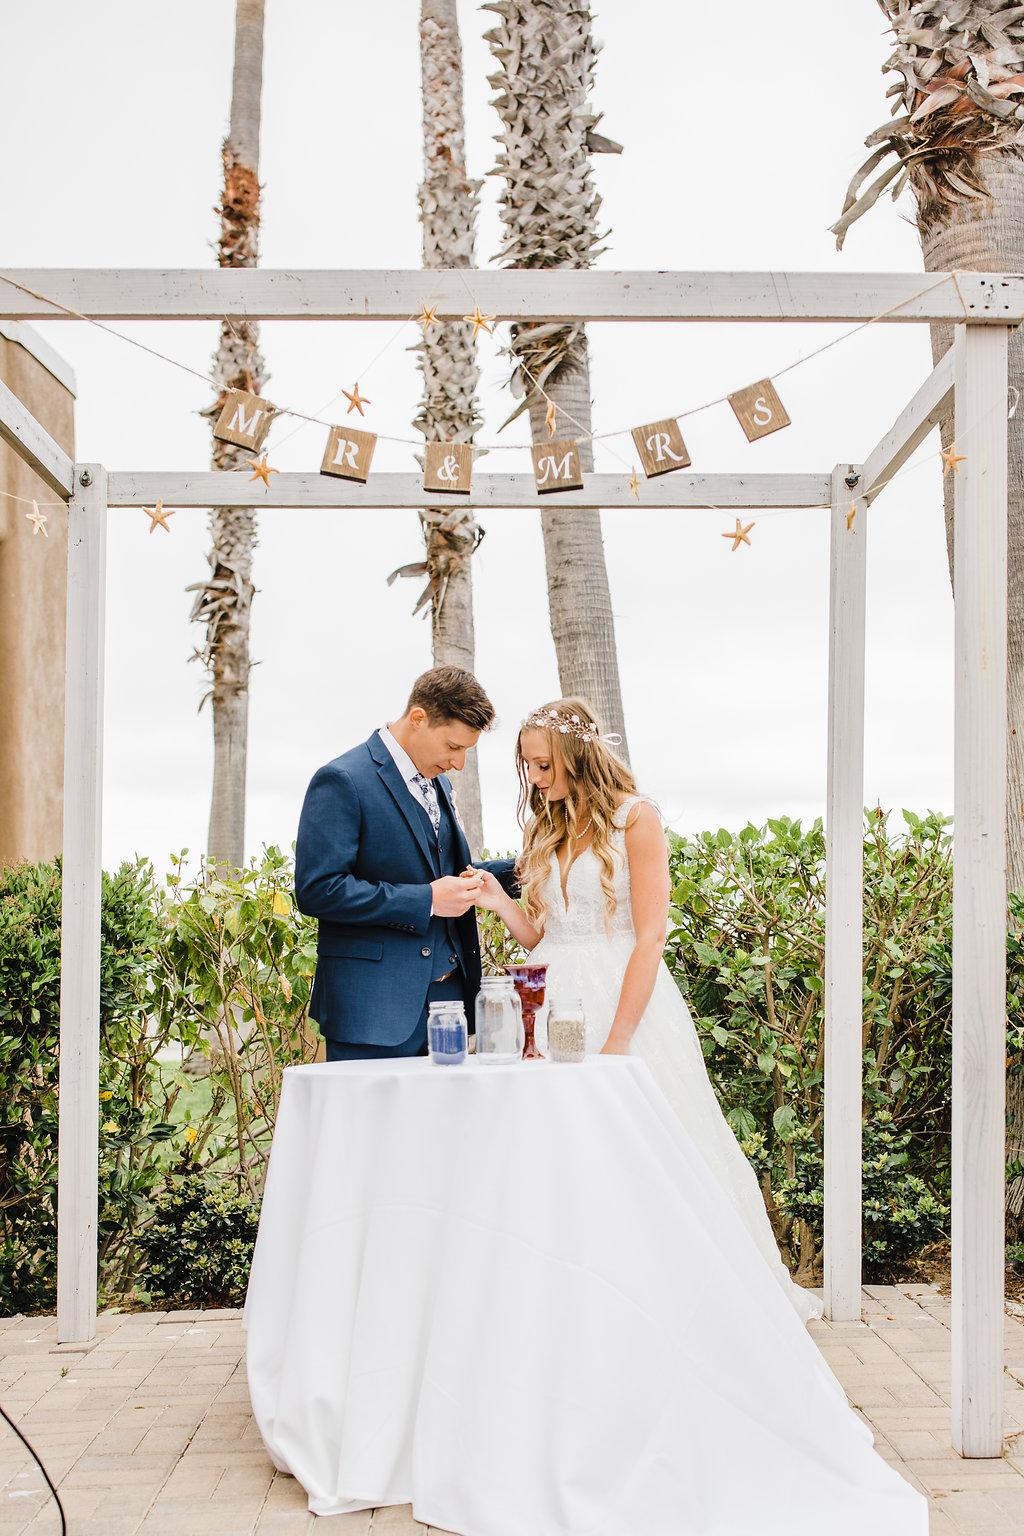 bride and groom under wedding arch los angeles california wedding ceremony